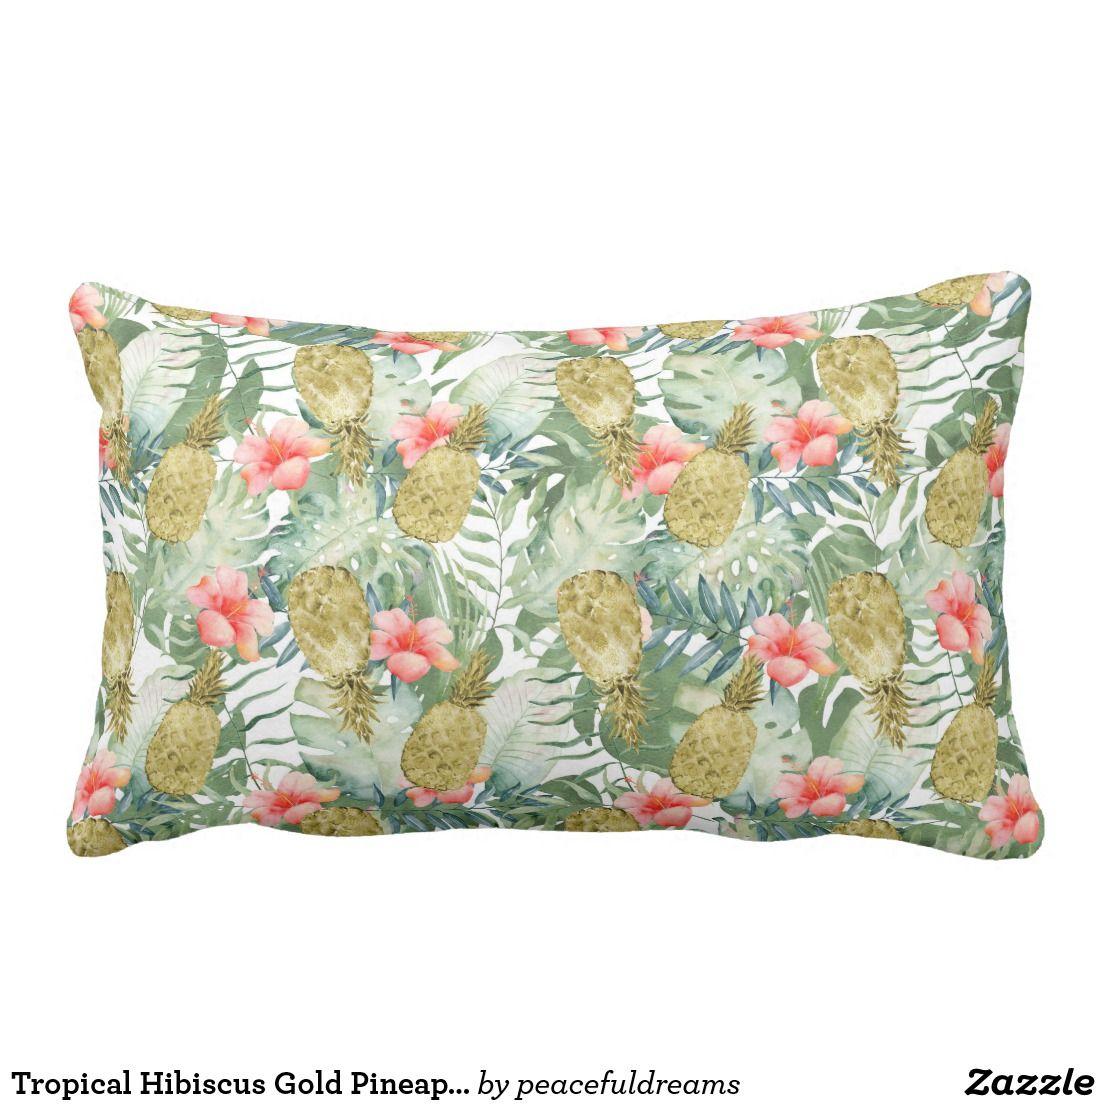 Tropical Hibiscus Gold Pineapples Floral Lumbar Pillow